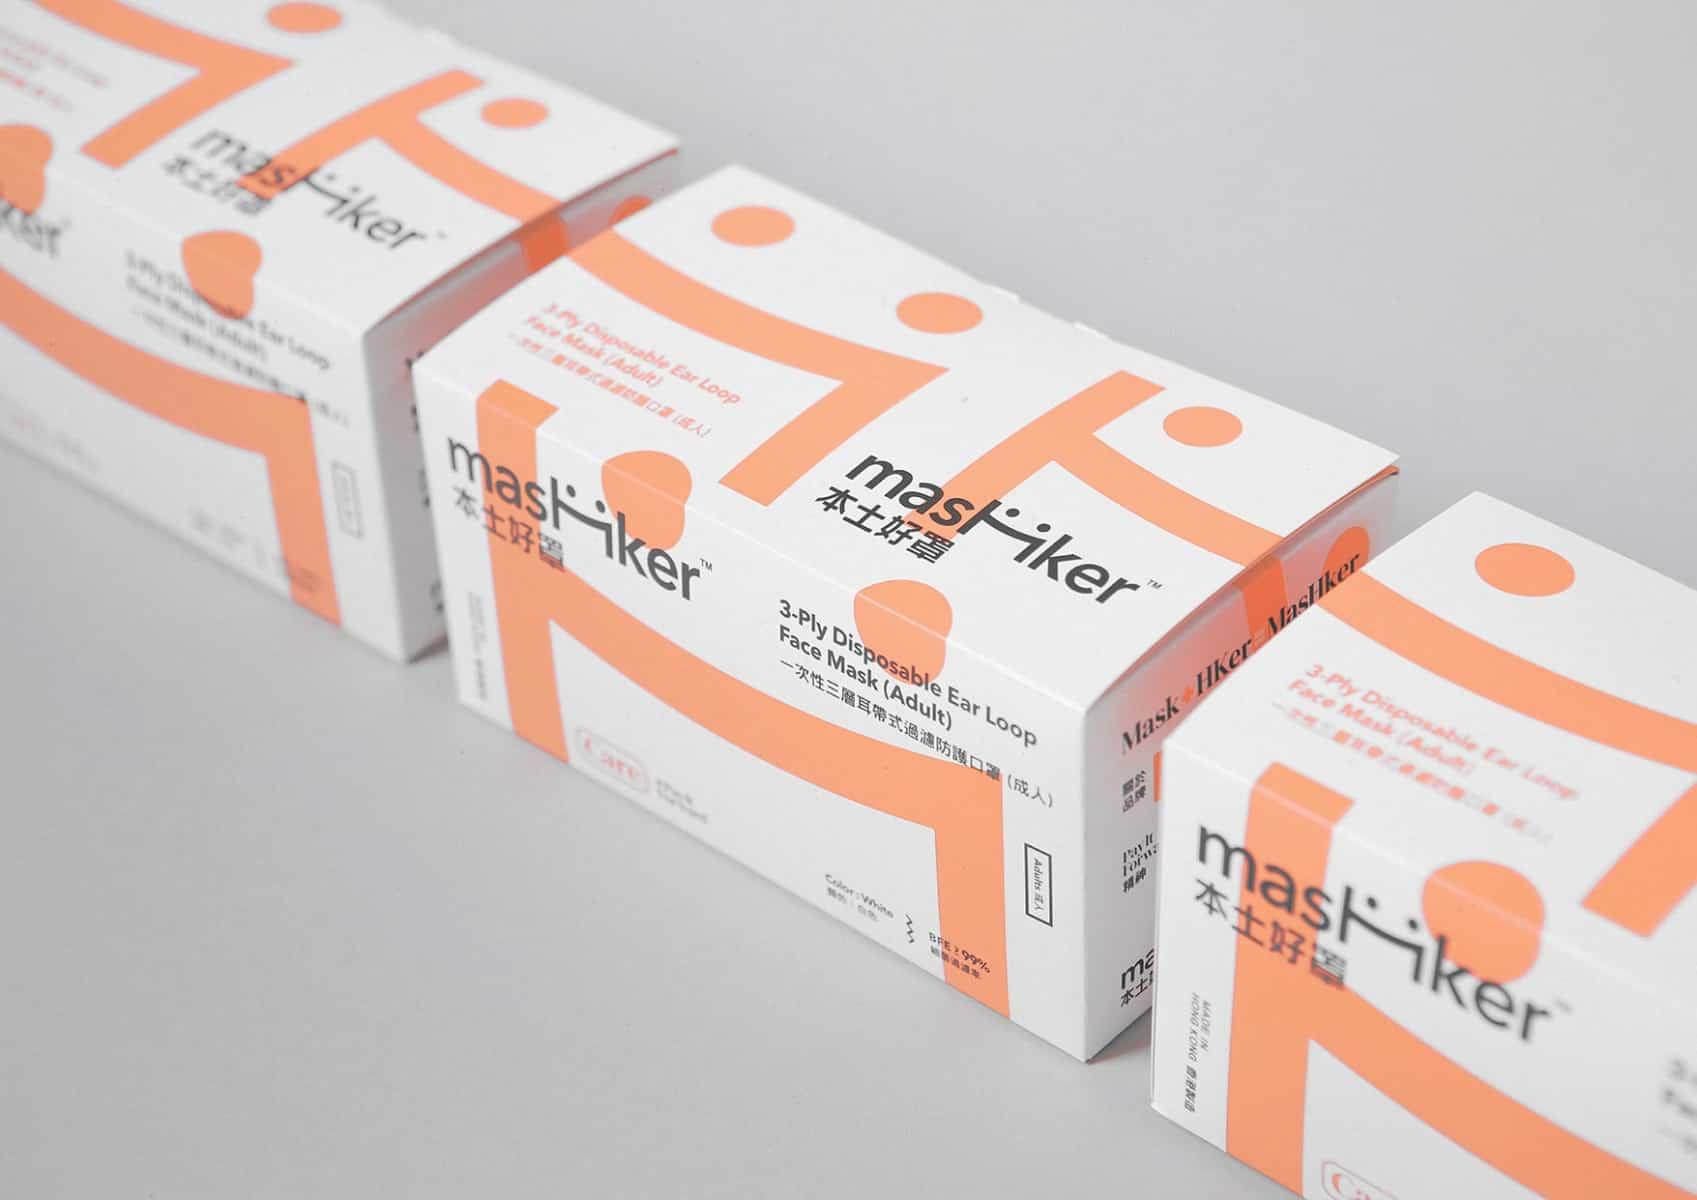 MasHker 本土好罩 | Branding design